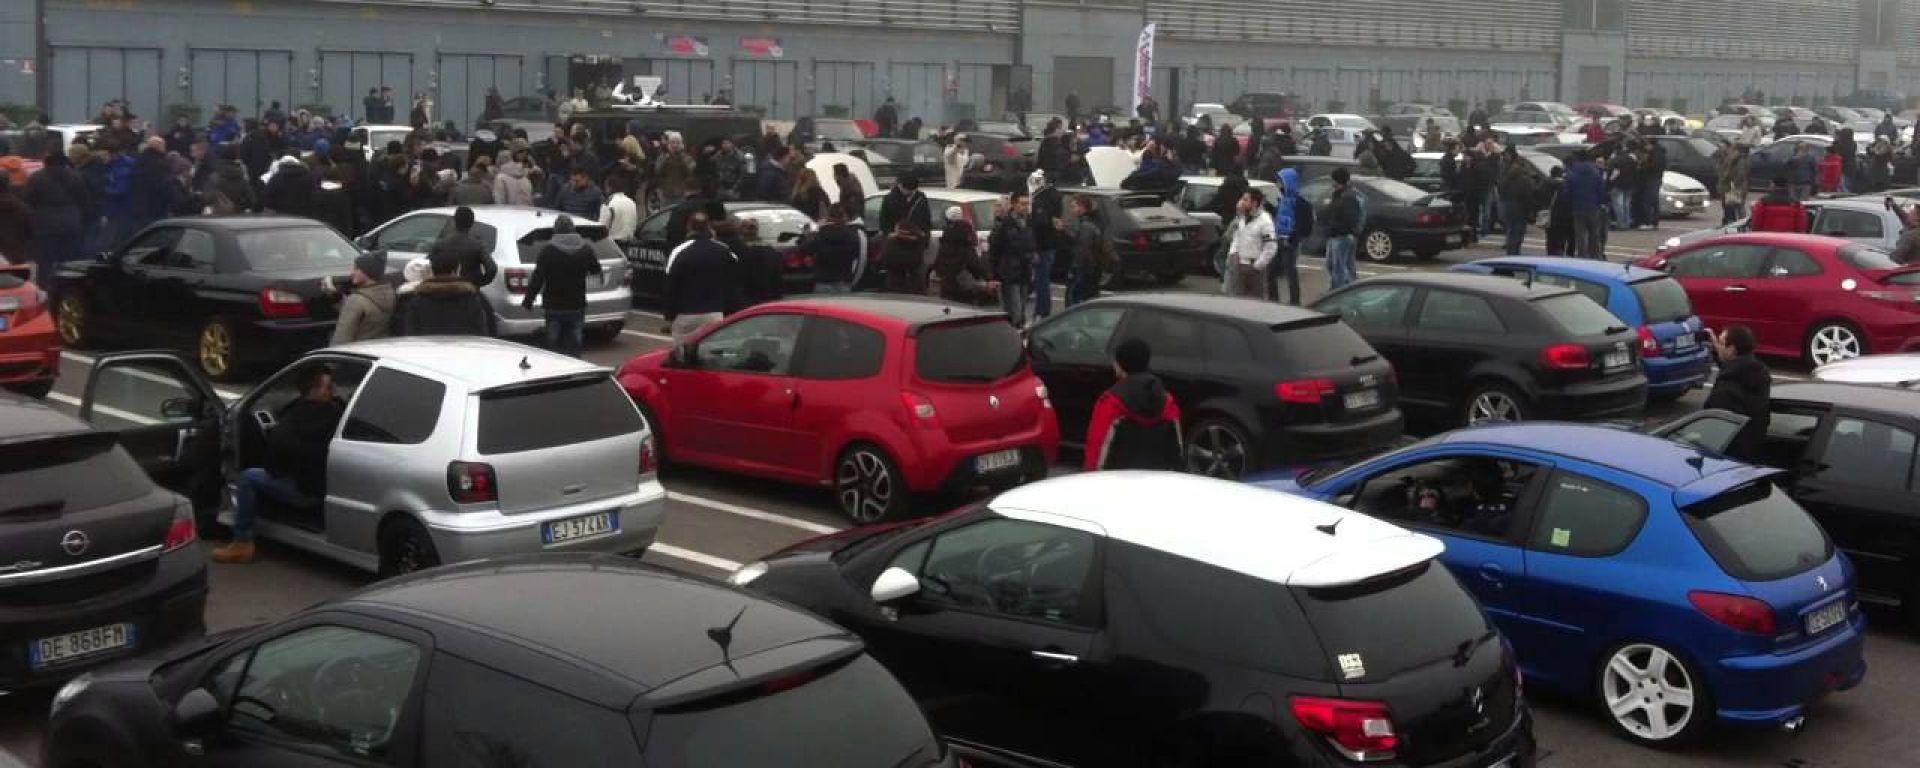 Monza track days: ecco come e quando correre con la propria auto